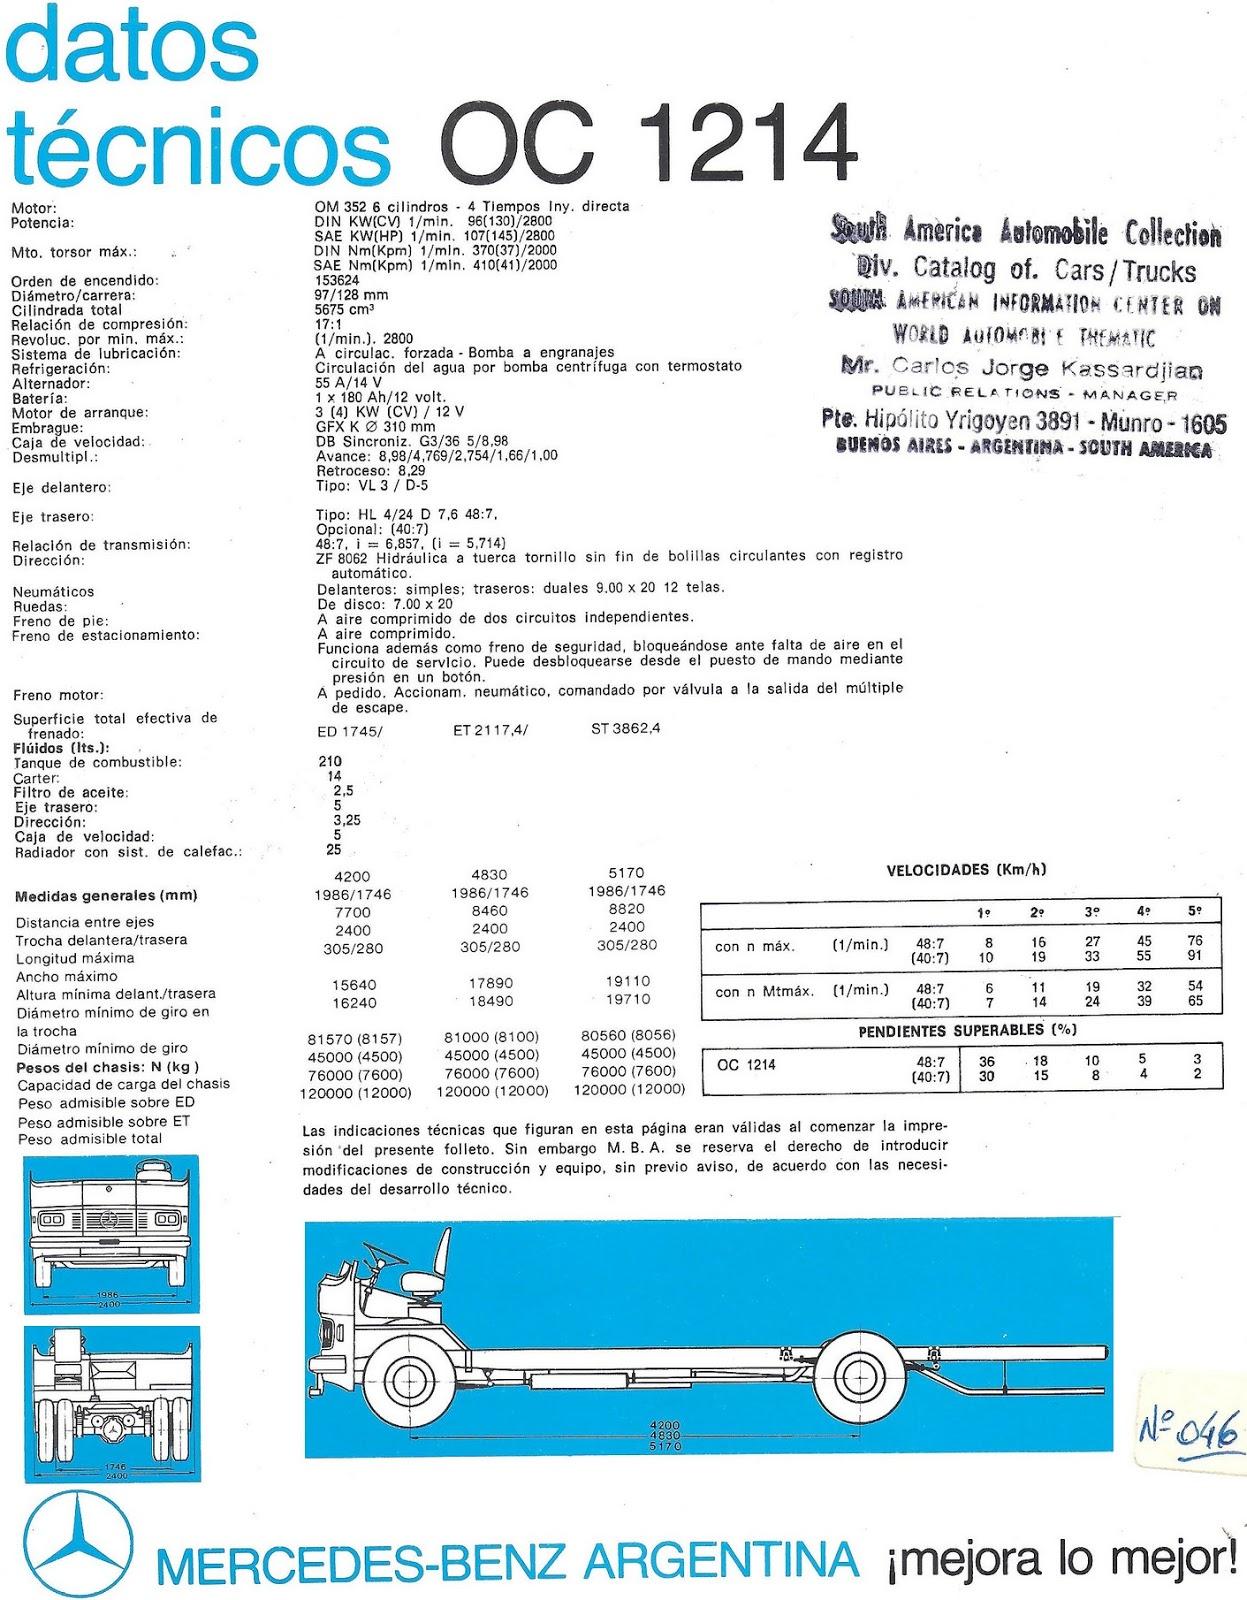 Cami n argentino mercedes benz oc 1214 for Mercedes benz oc